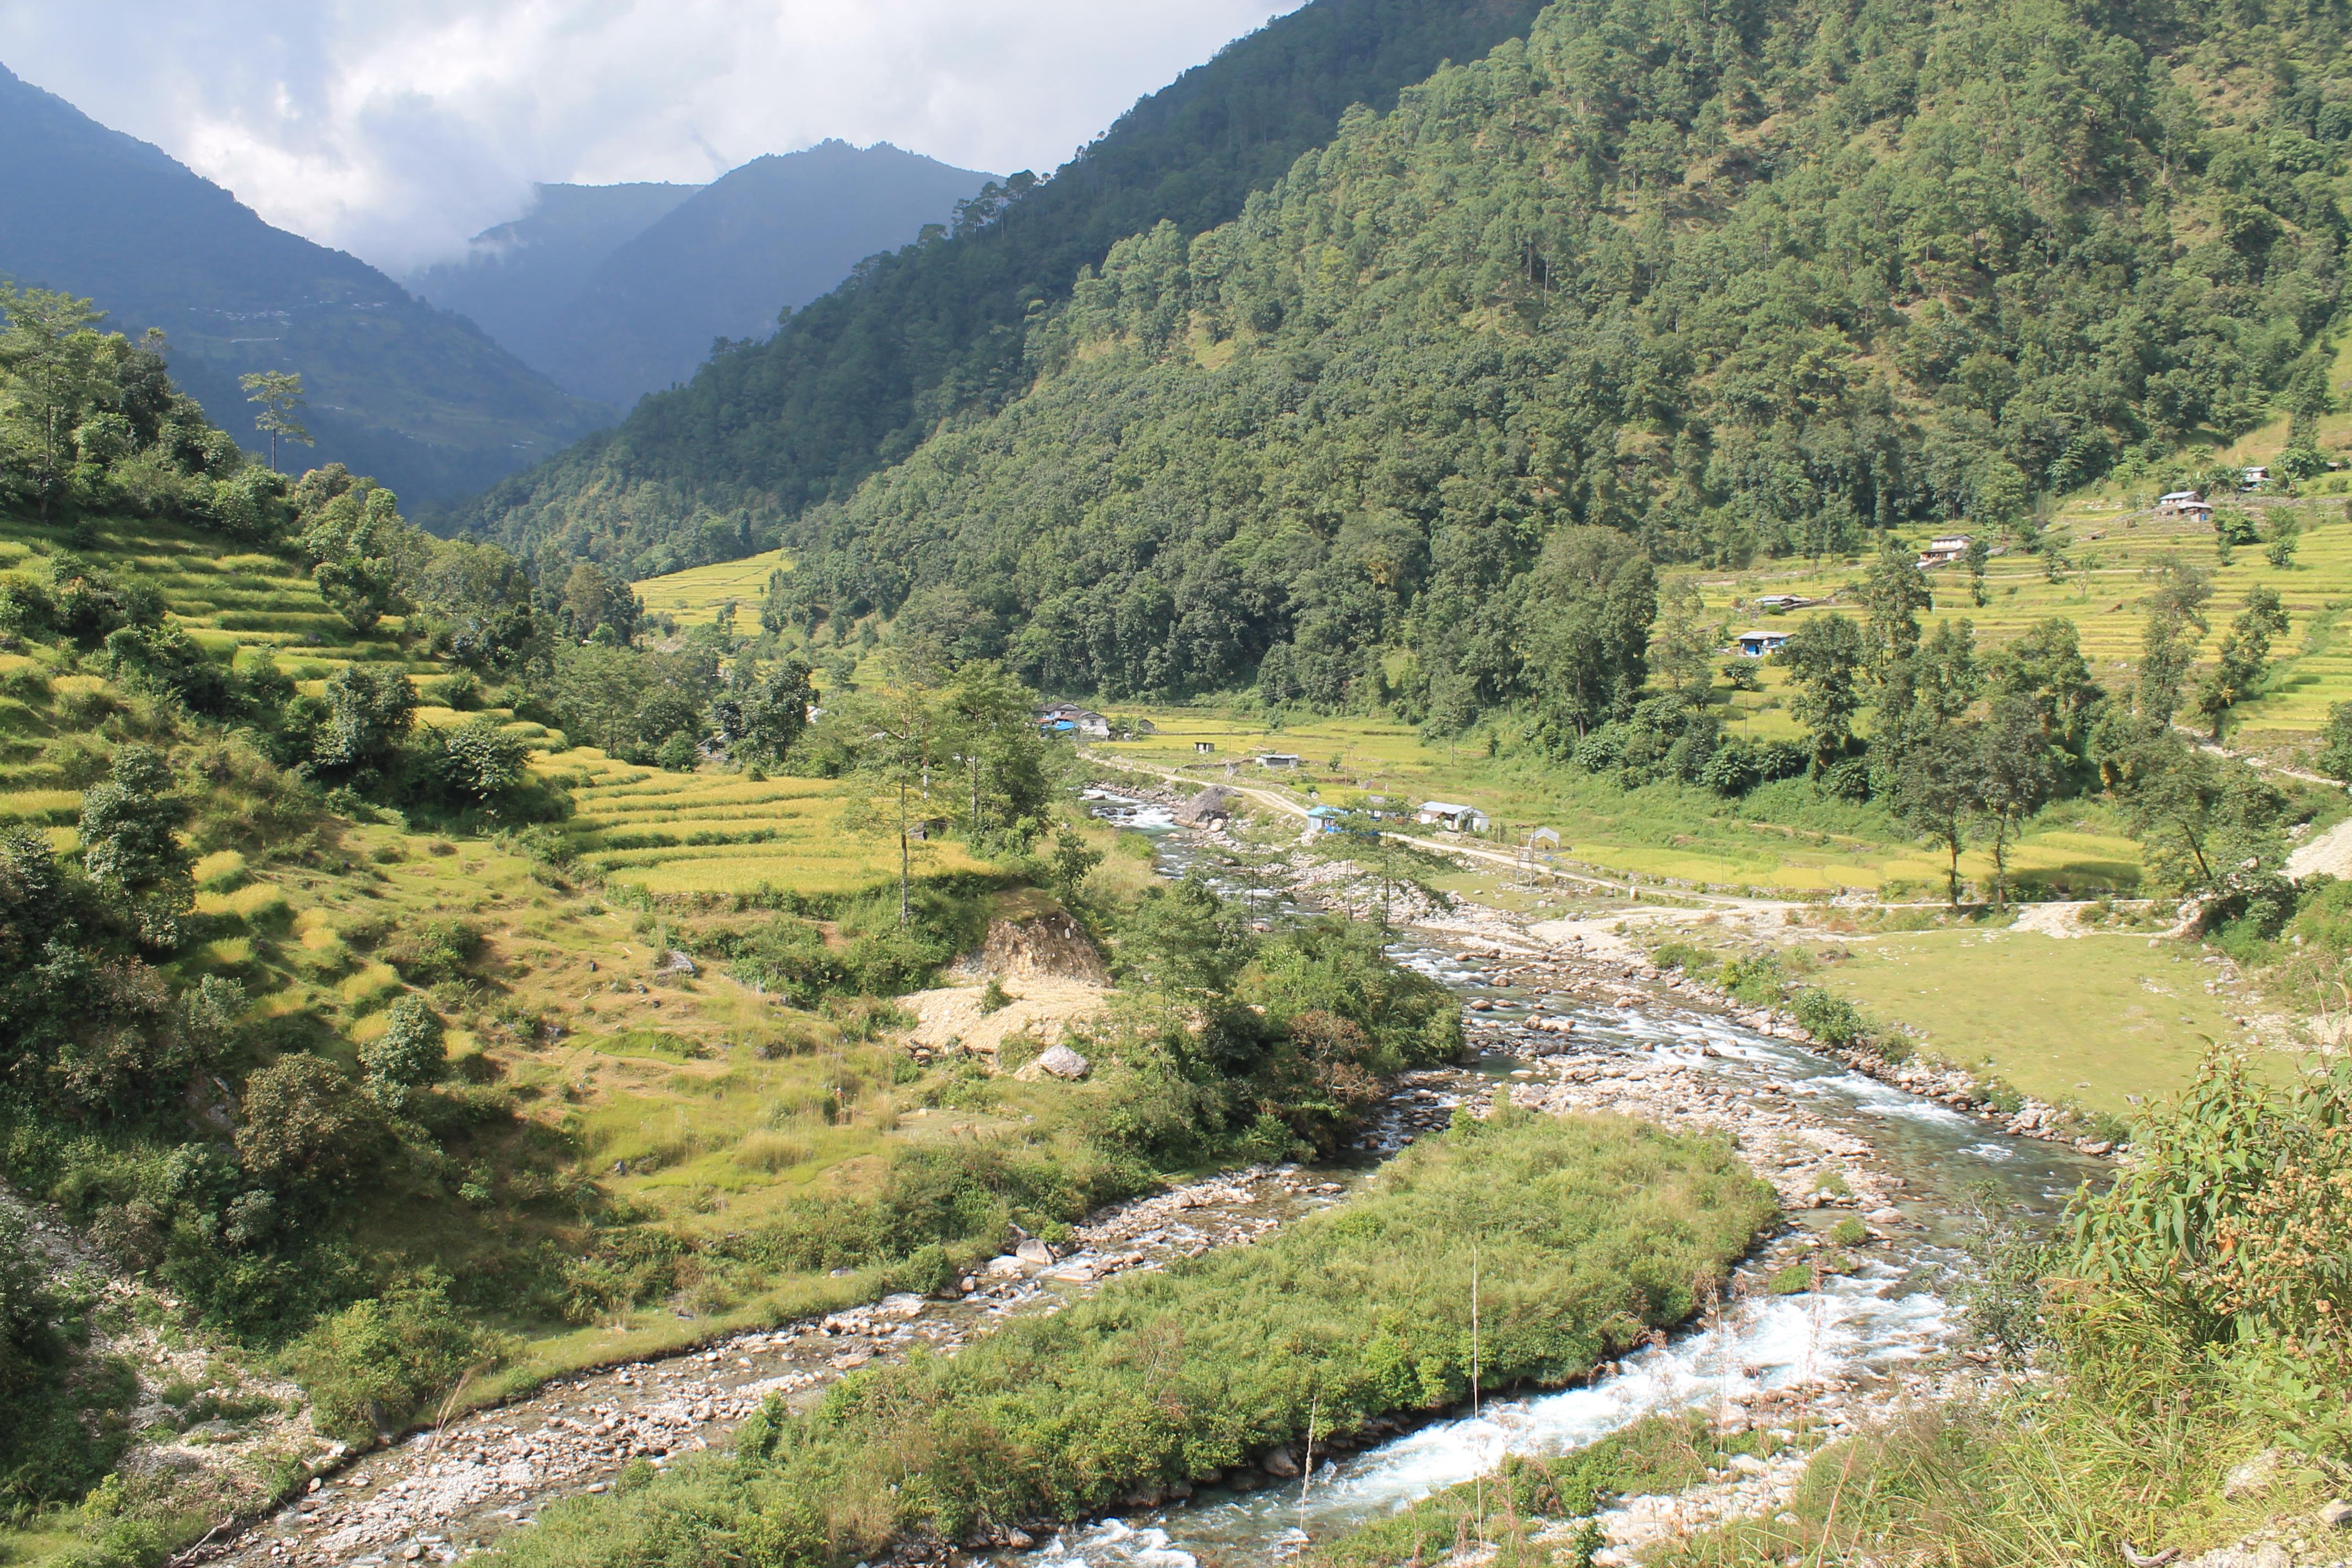 Ghorepani Poonhill Ghandruk Himalayas Trek Nepal - River View